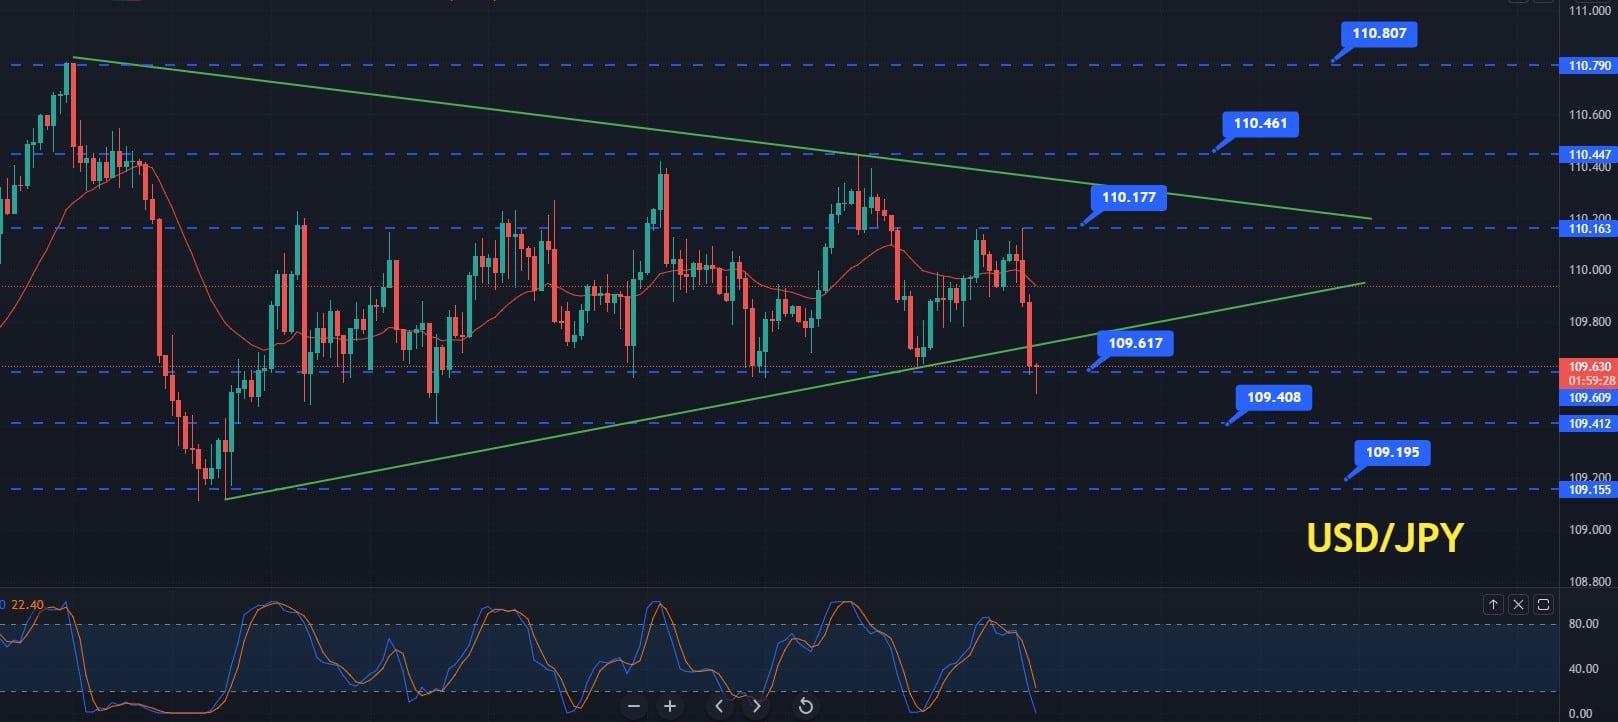 USD/JPY Price Forecast